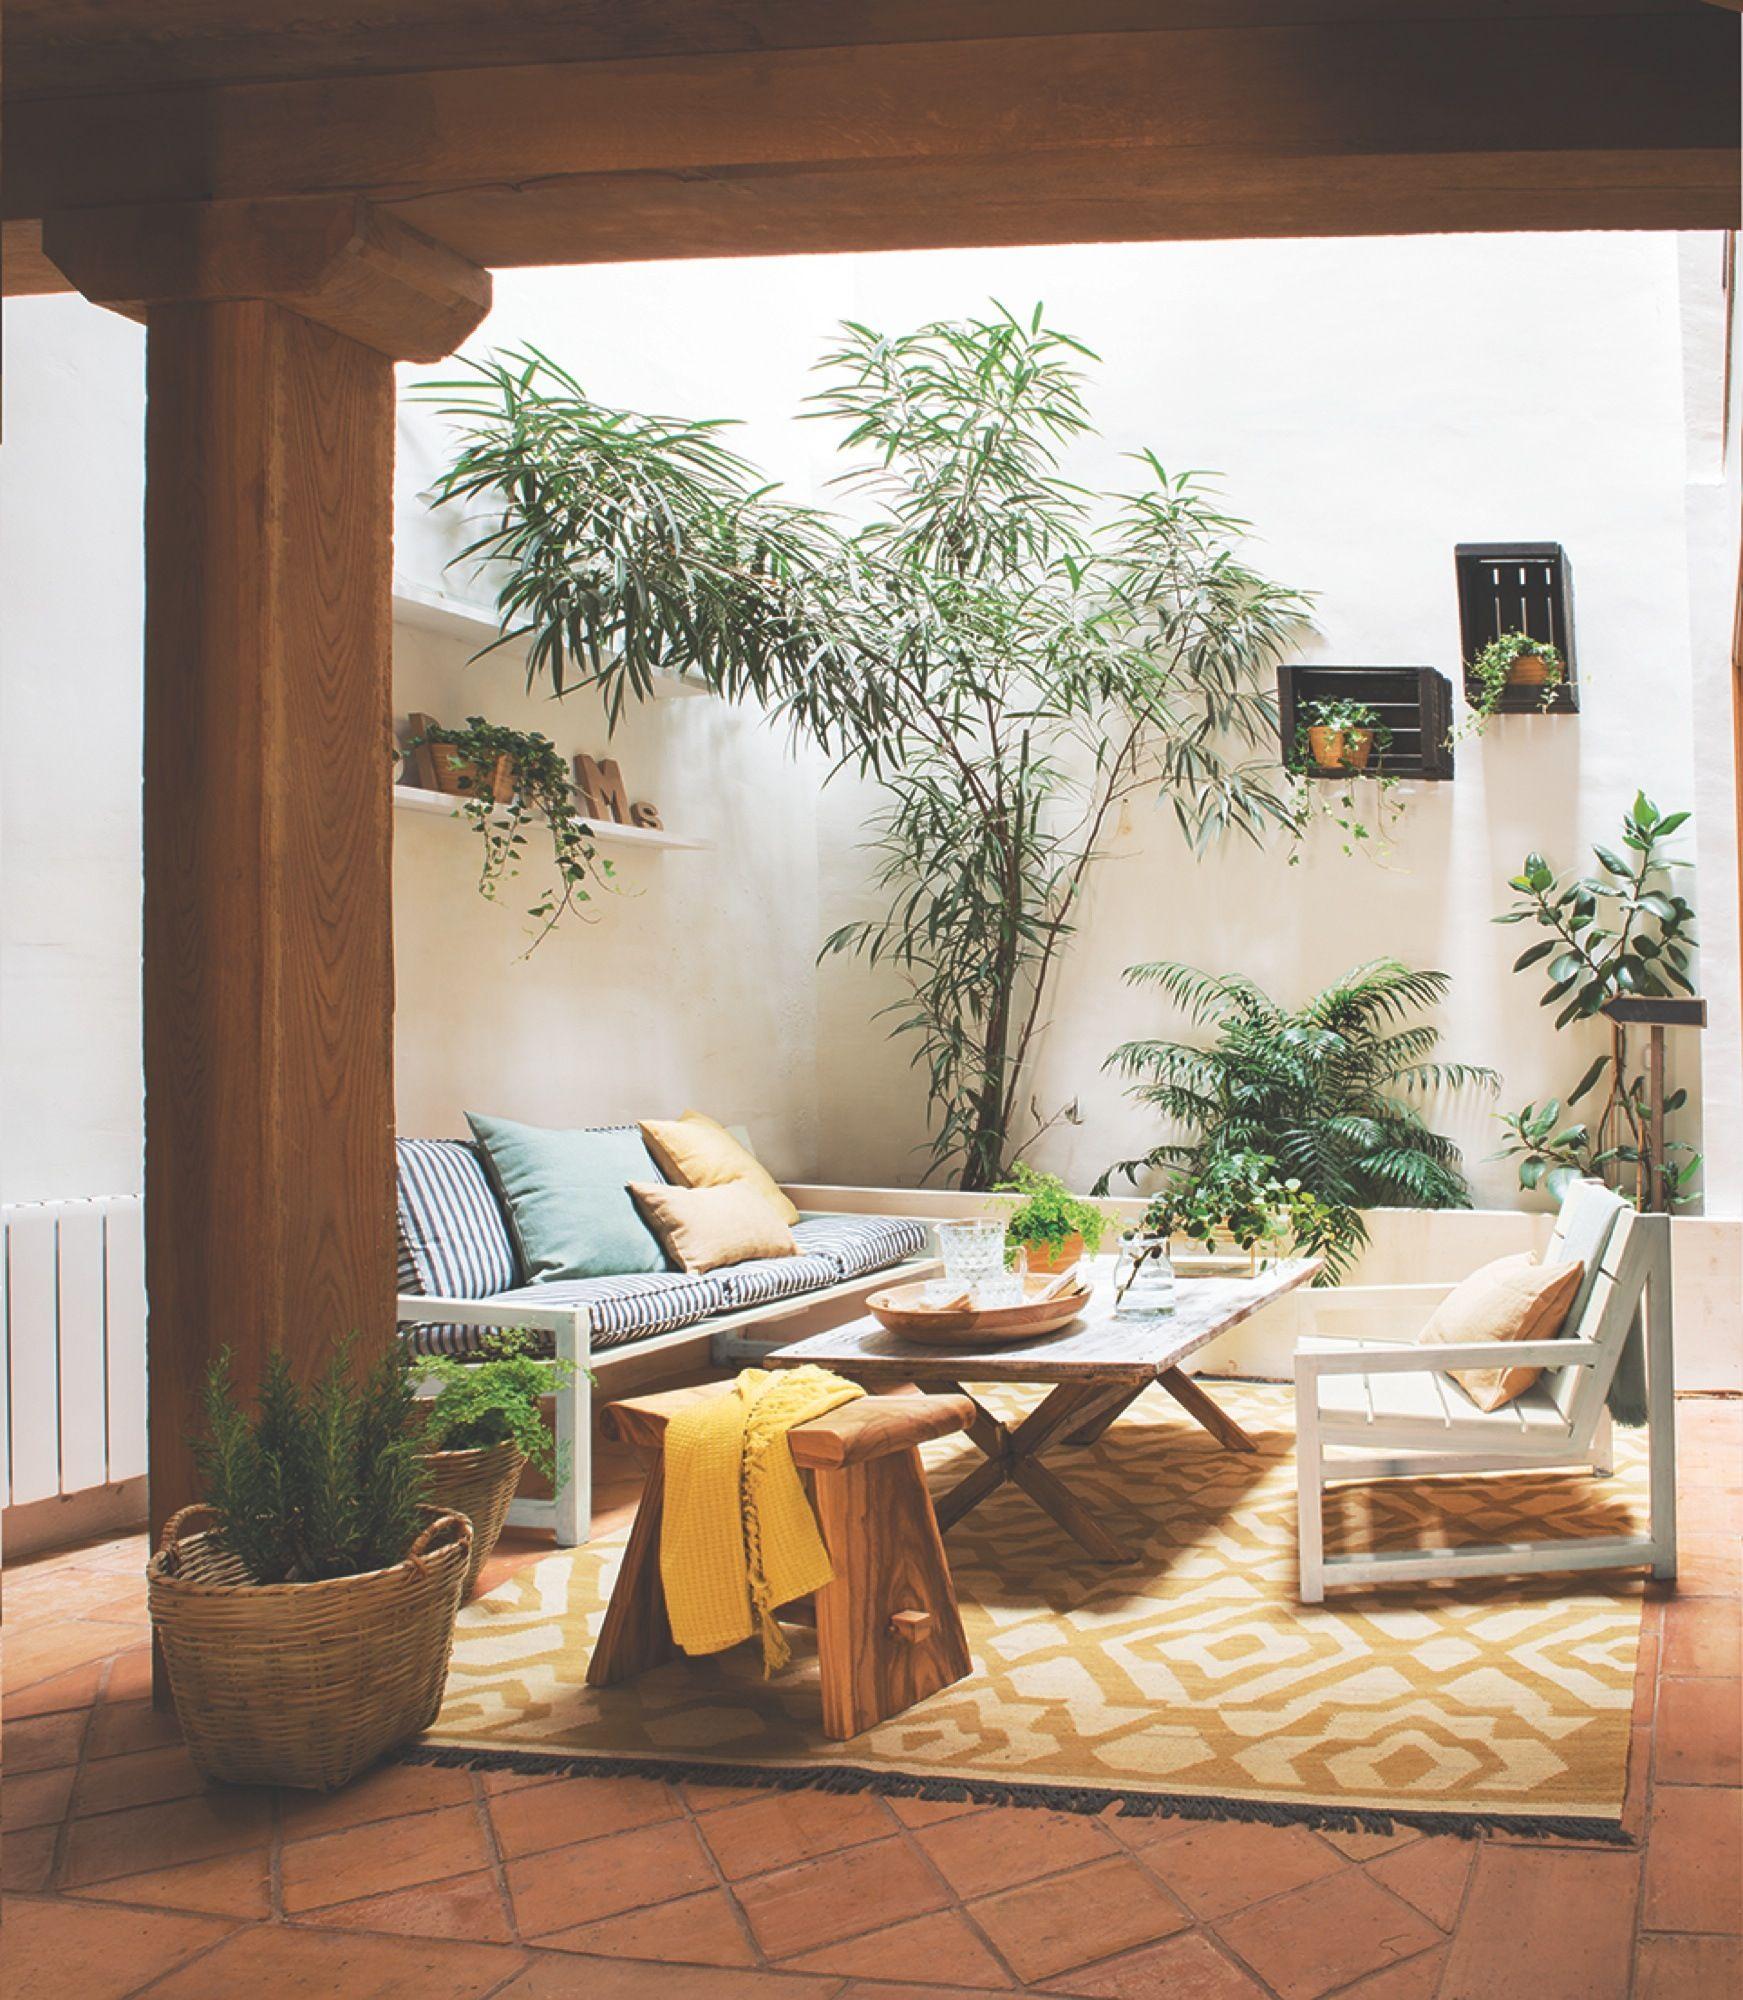 33+ Decoracion de patios interiores inspirations